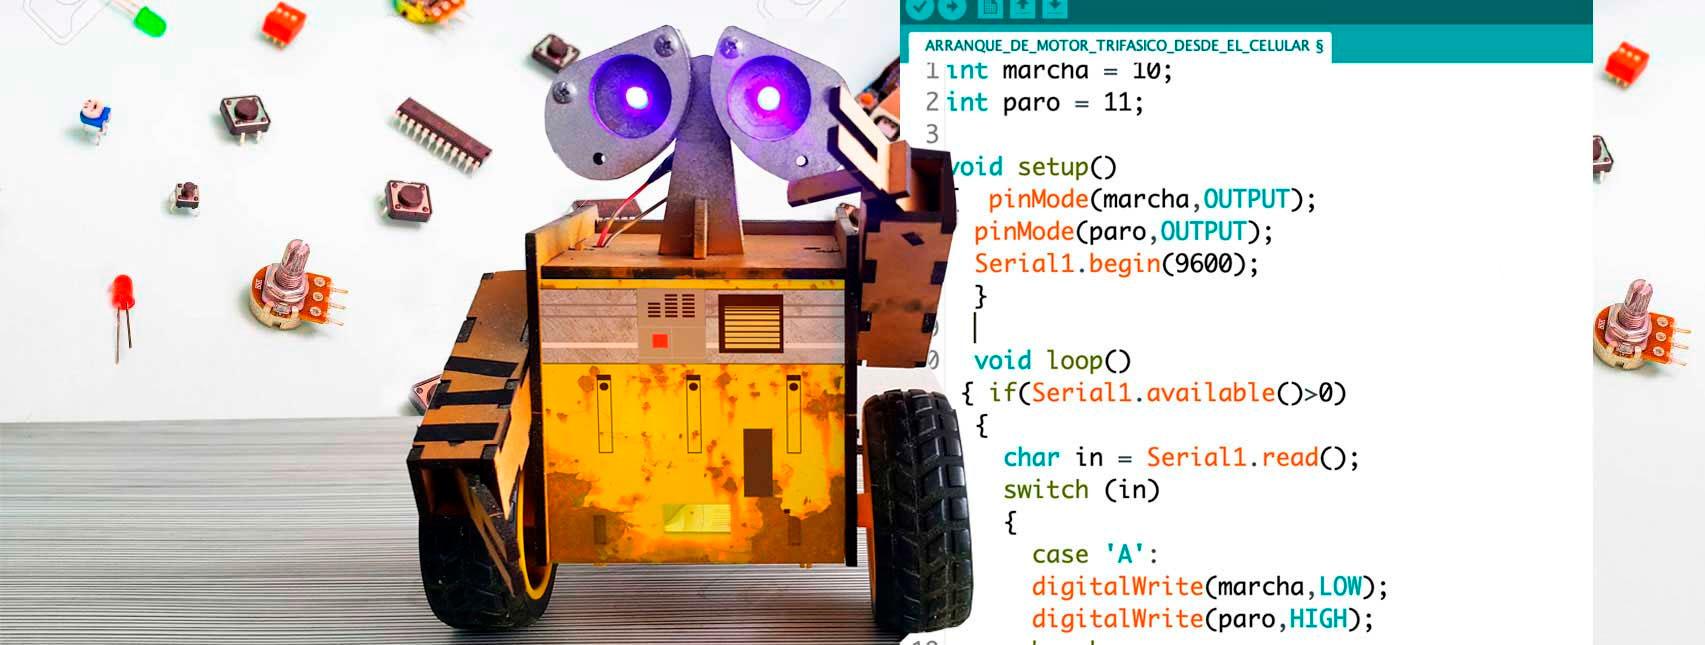 taller de robotica arduino verano 2020